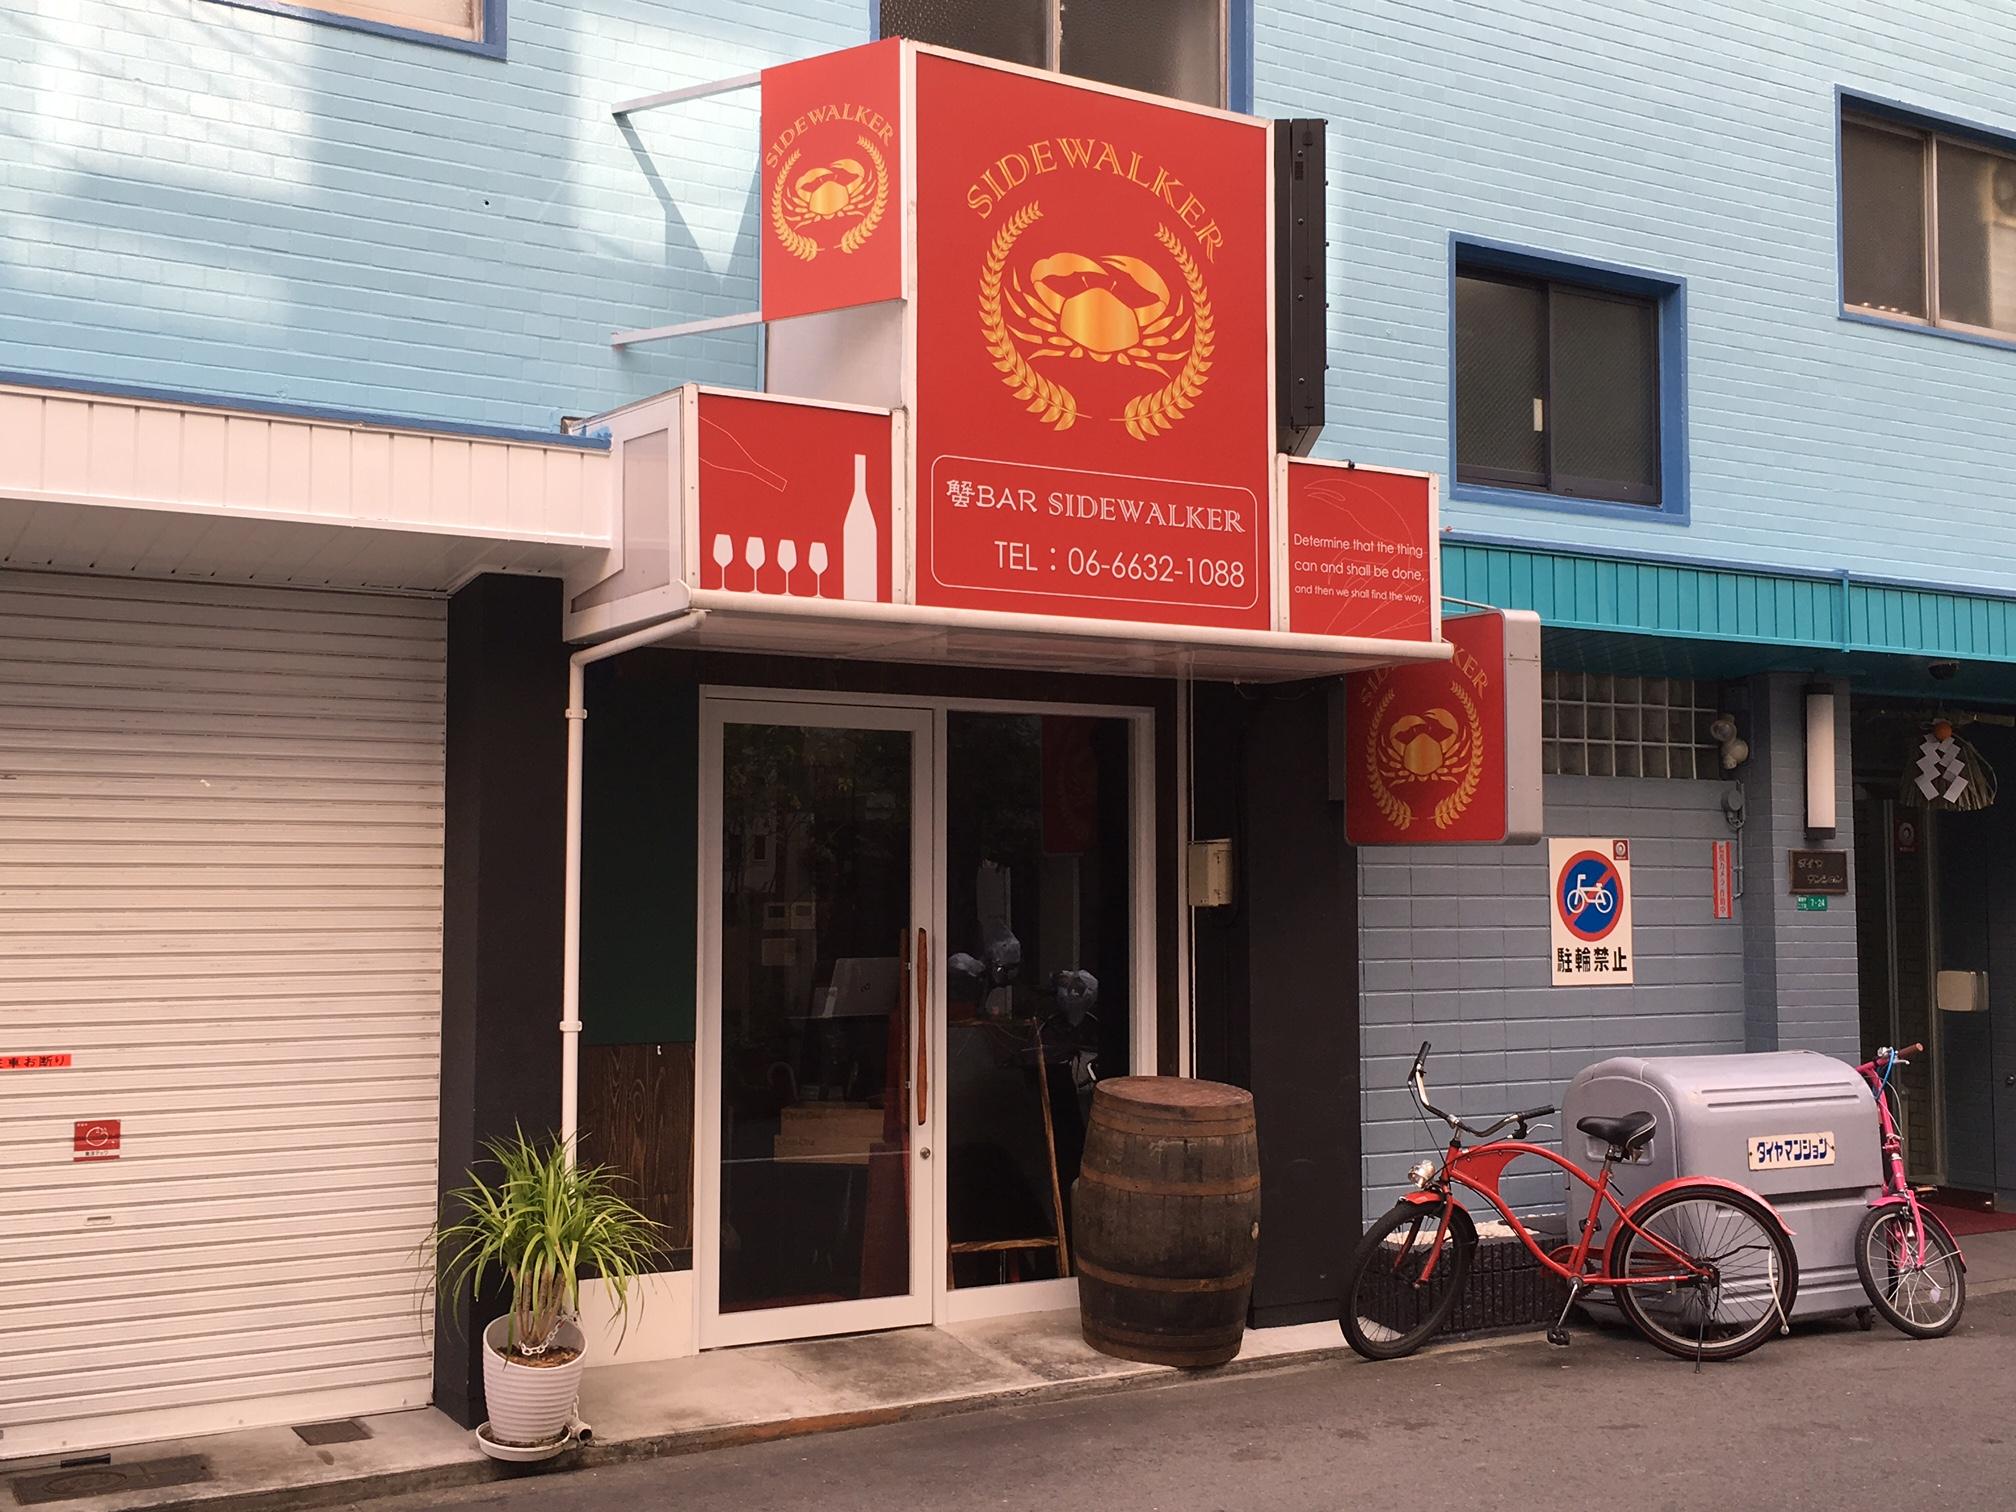 難波中2丁目にワインとカニの専門店「蟹バル サイドウォーカー」がオープン